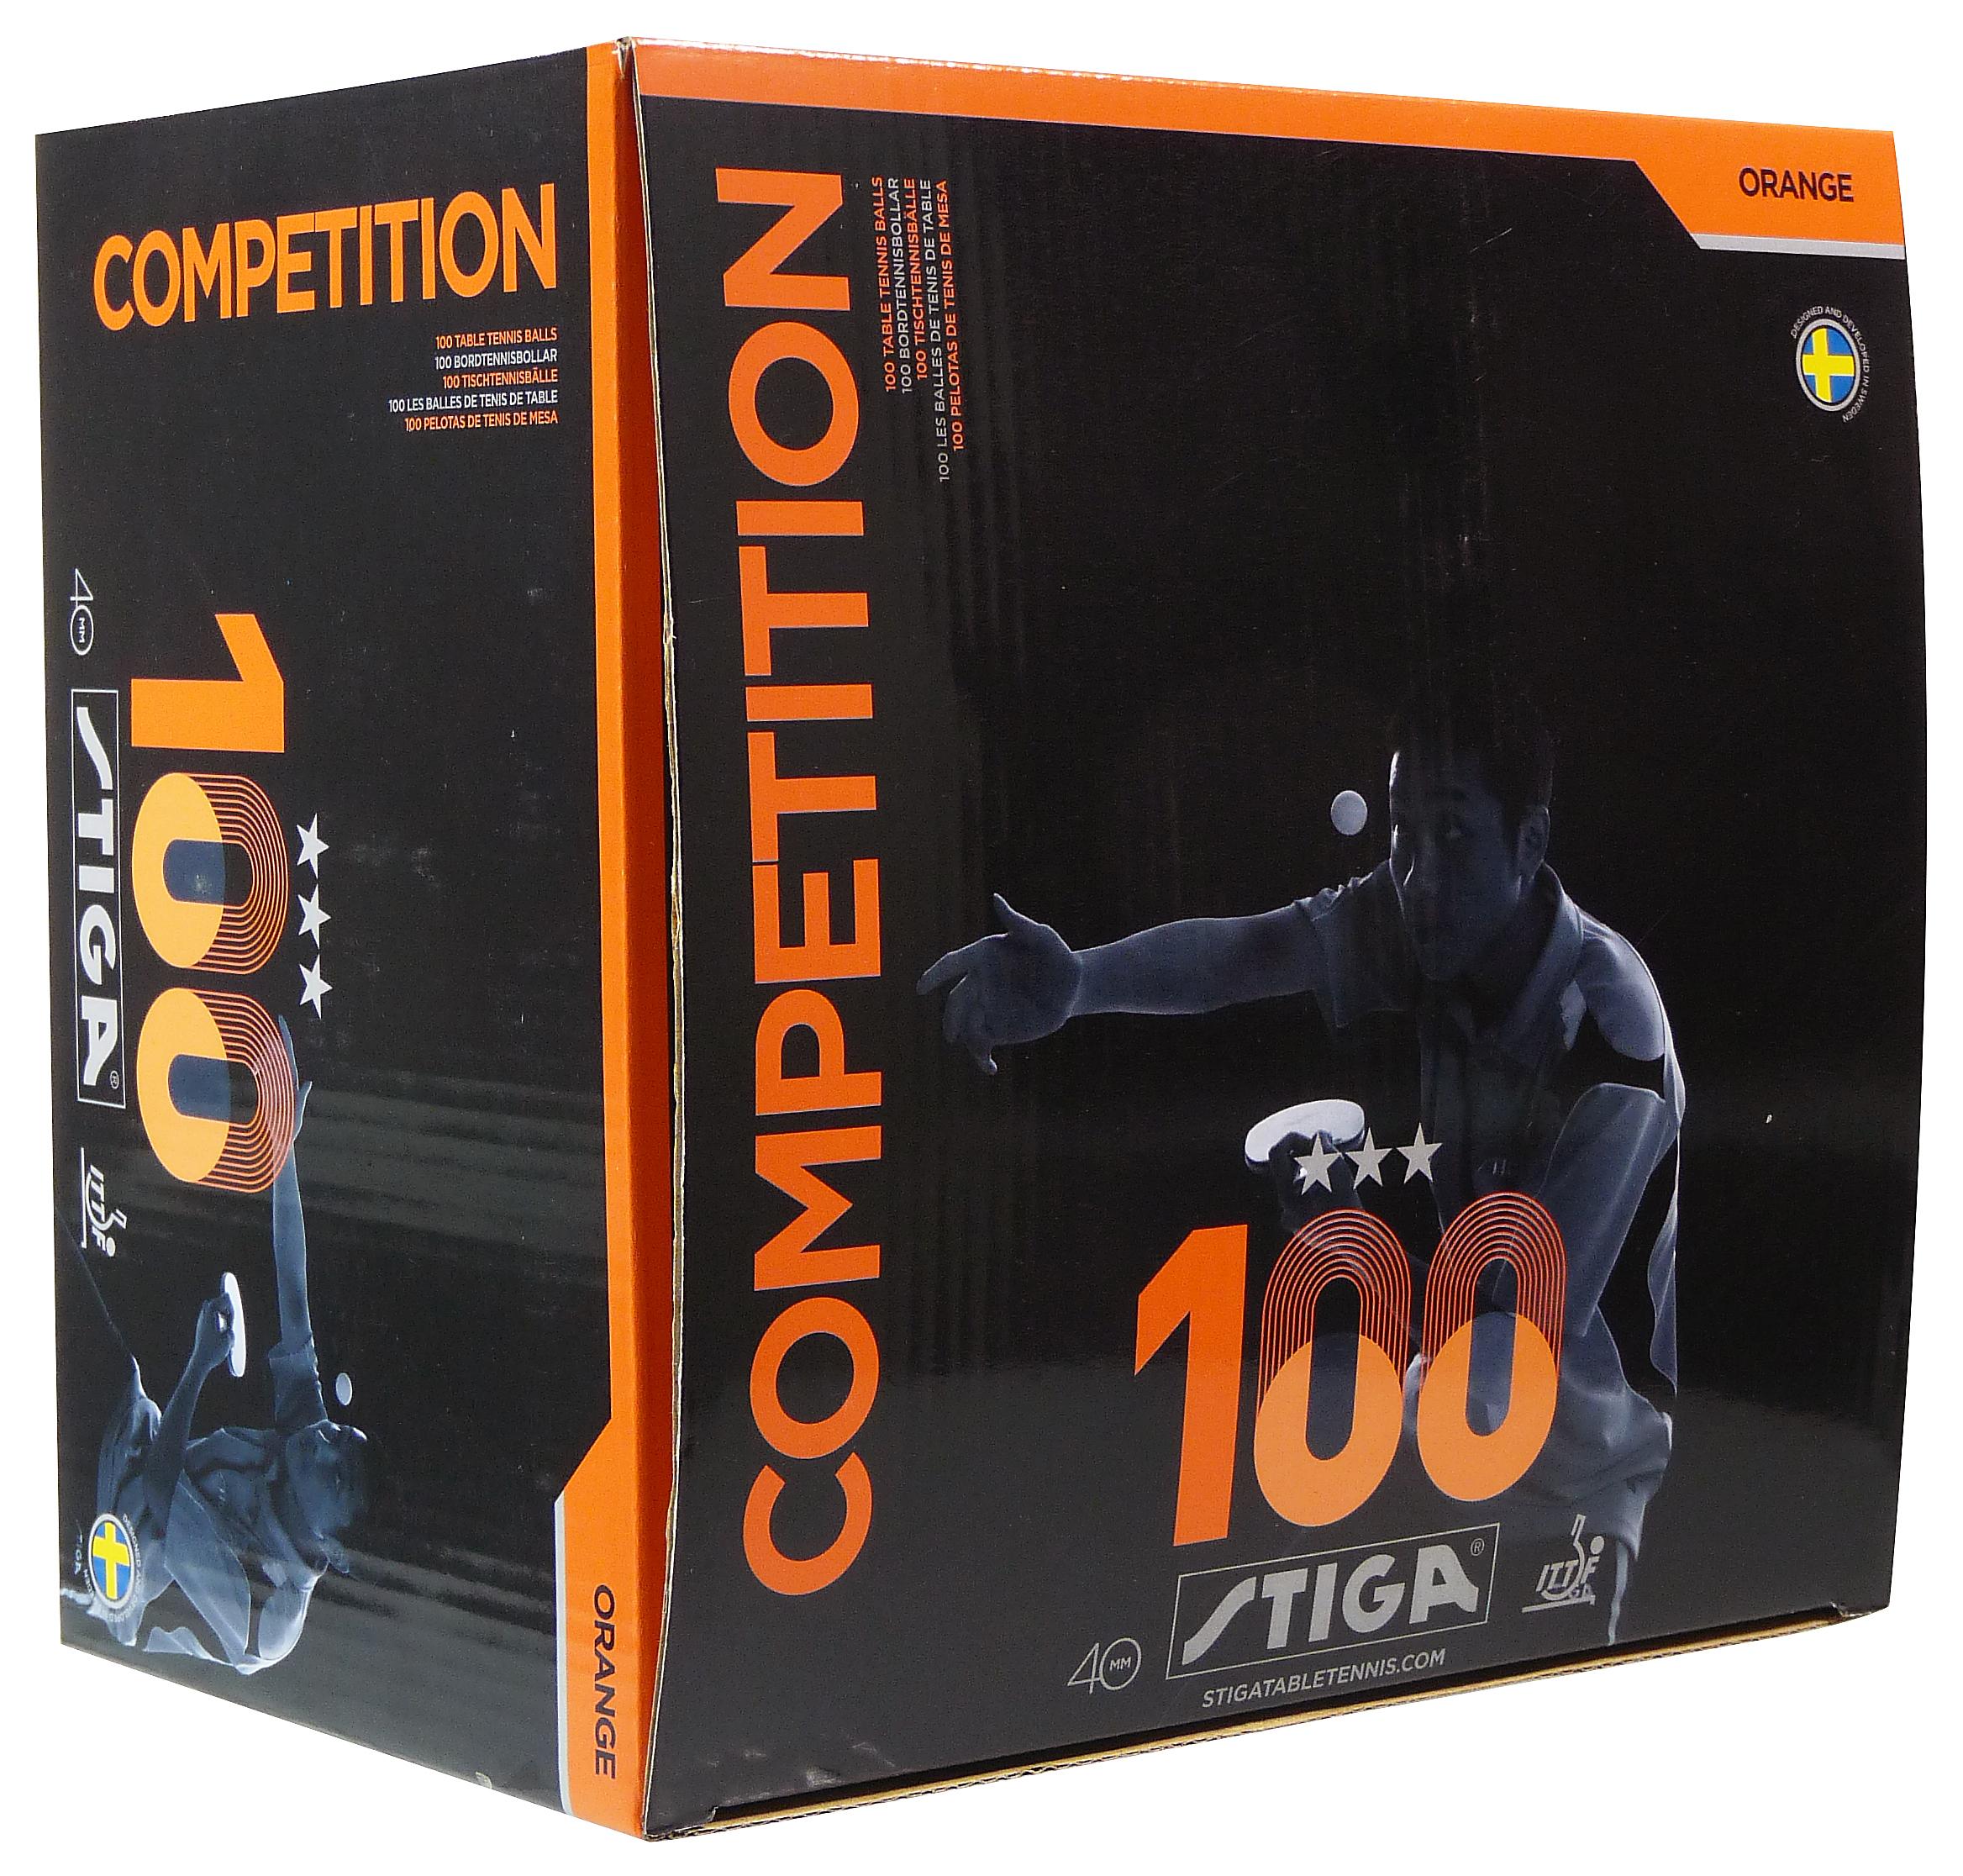 stiga-competition-tischtennis-balle-3-stern